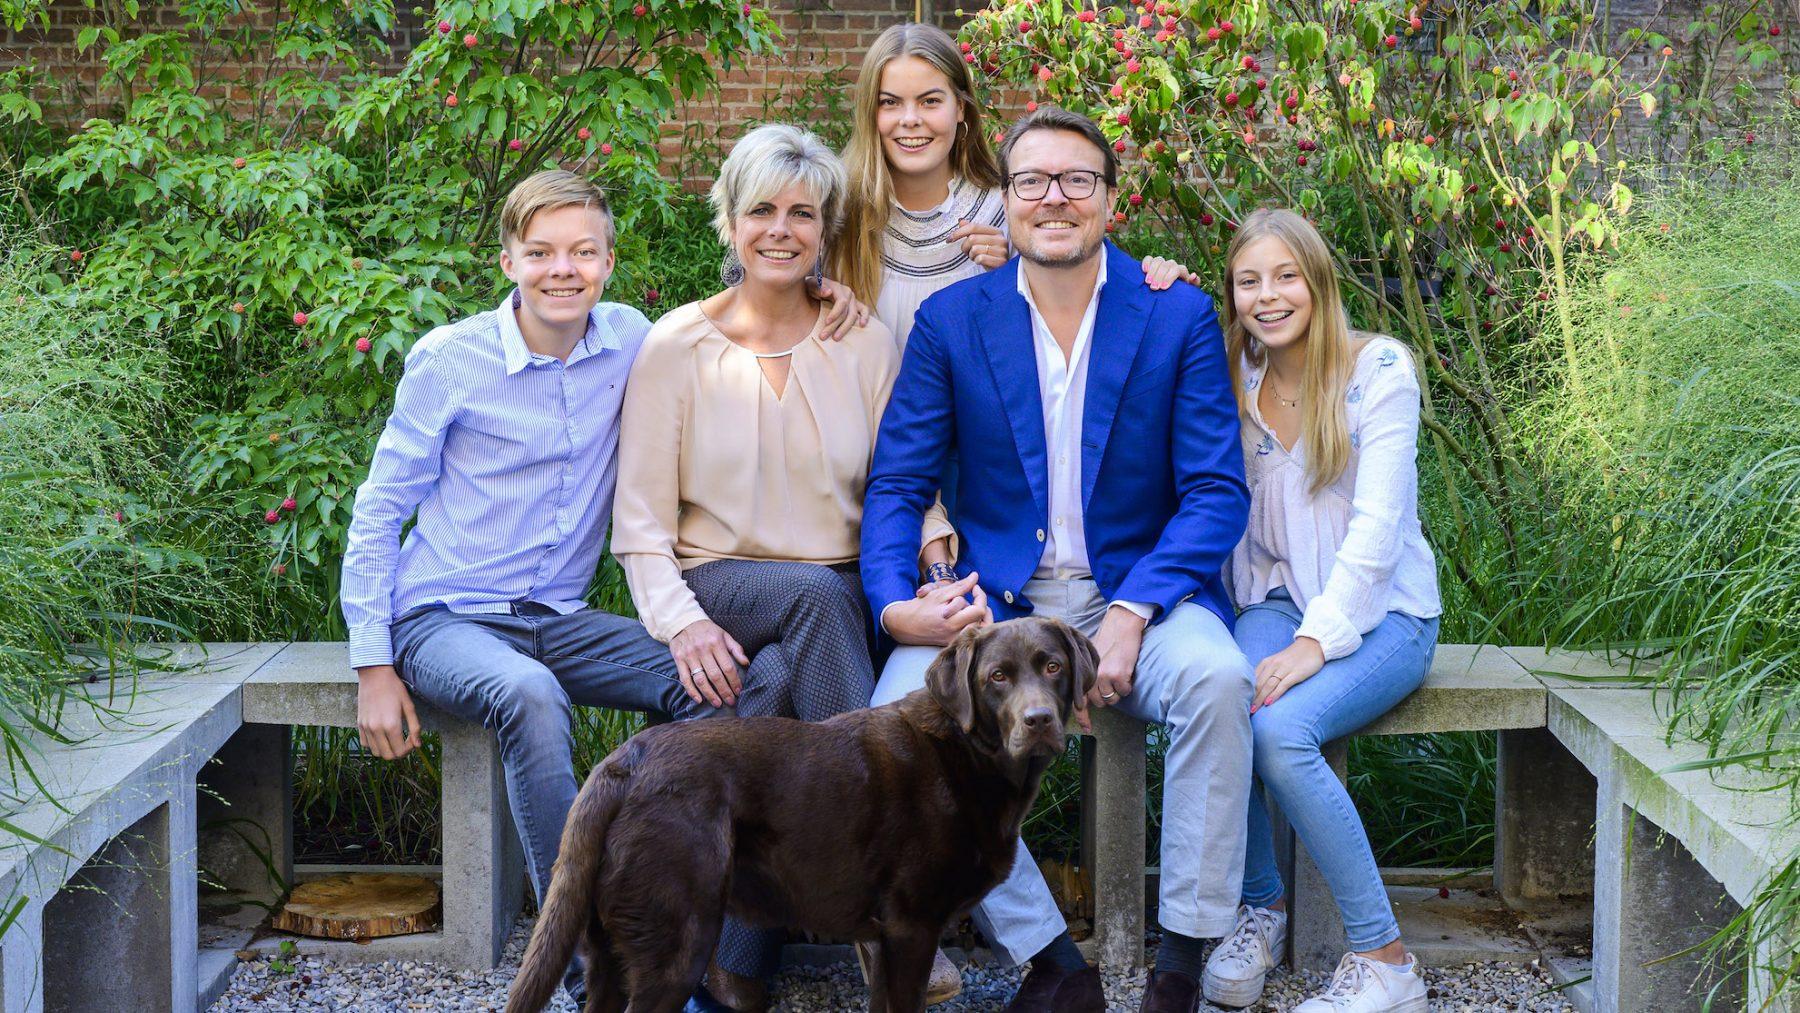 claus gezin koninklijk huis school